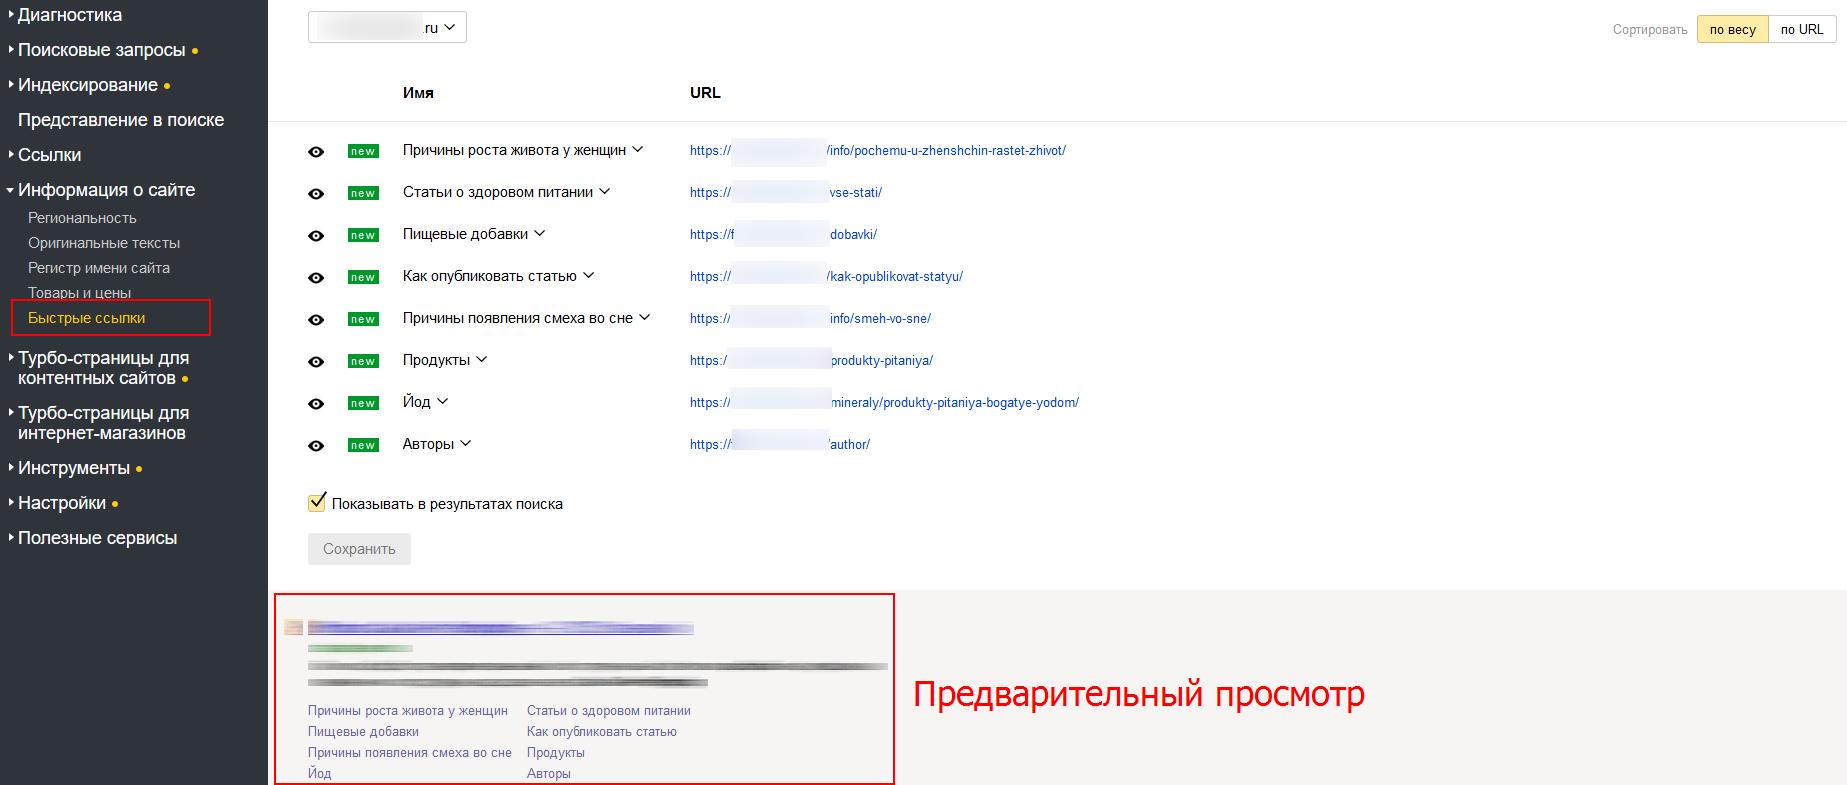 Управление быстрыми ссылками в Яндекс.Вебмастер